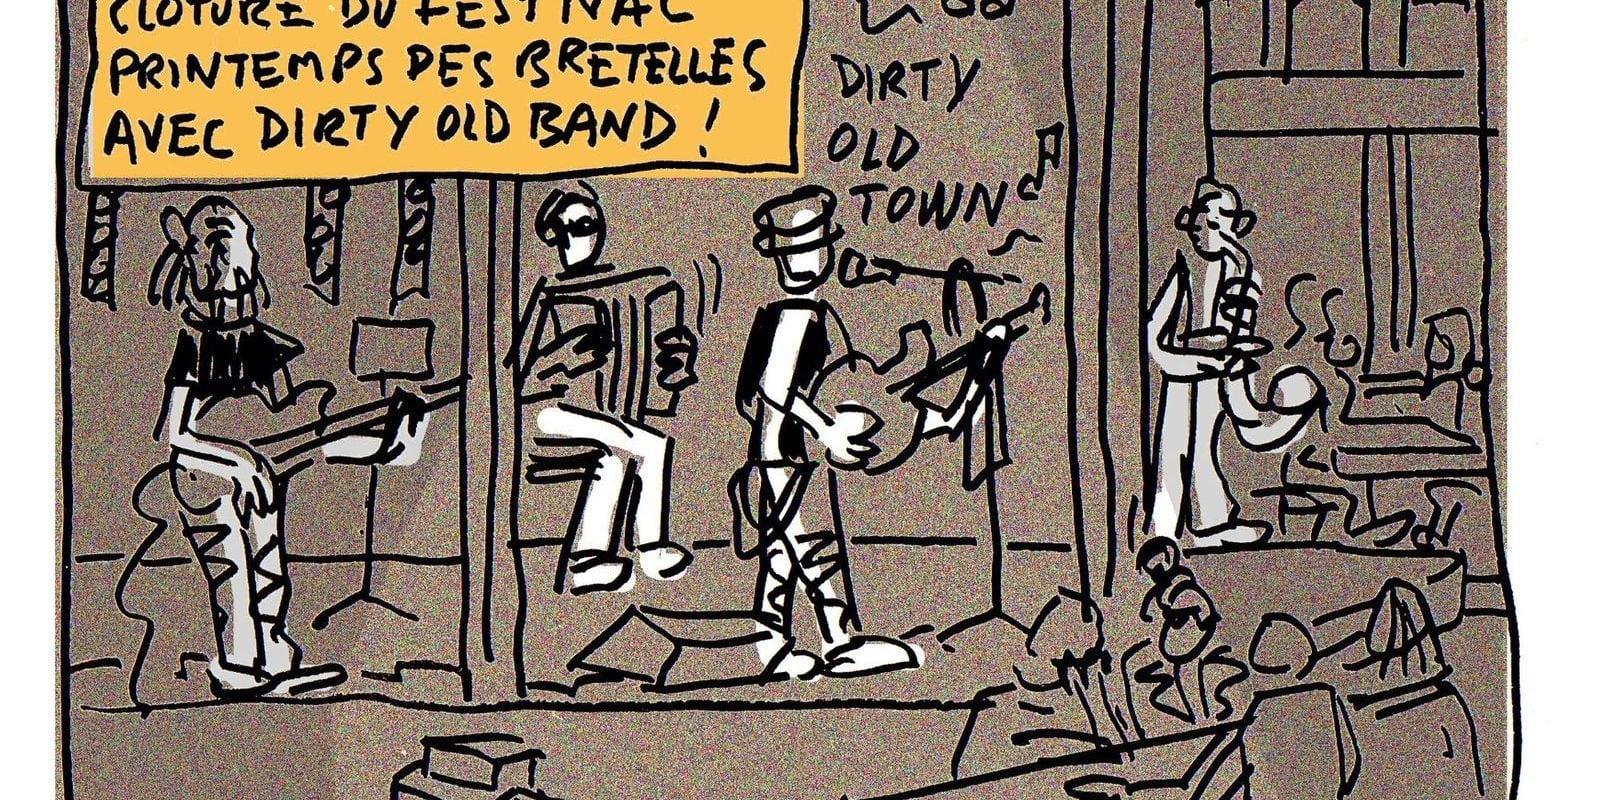 À la clôture du Printemps des Bretelles avec Dirty Old Band…